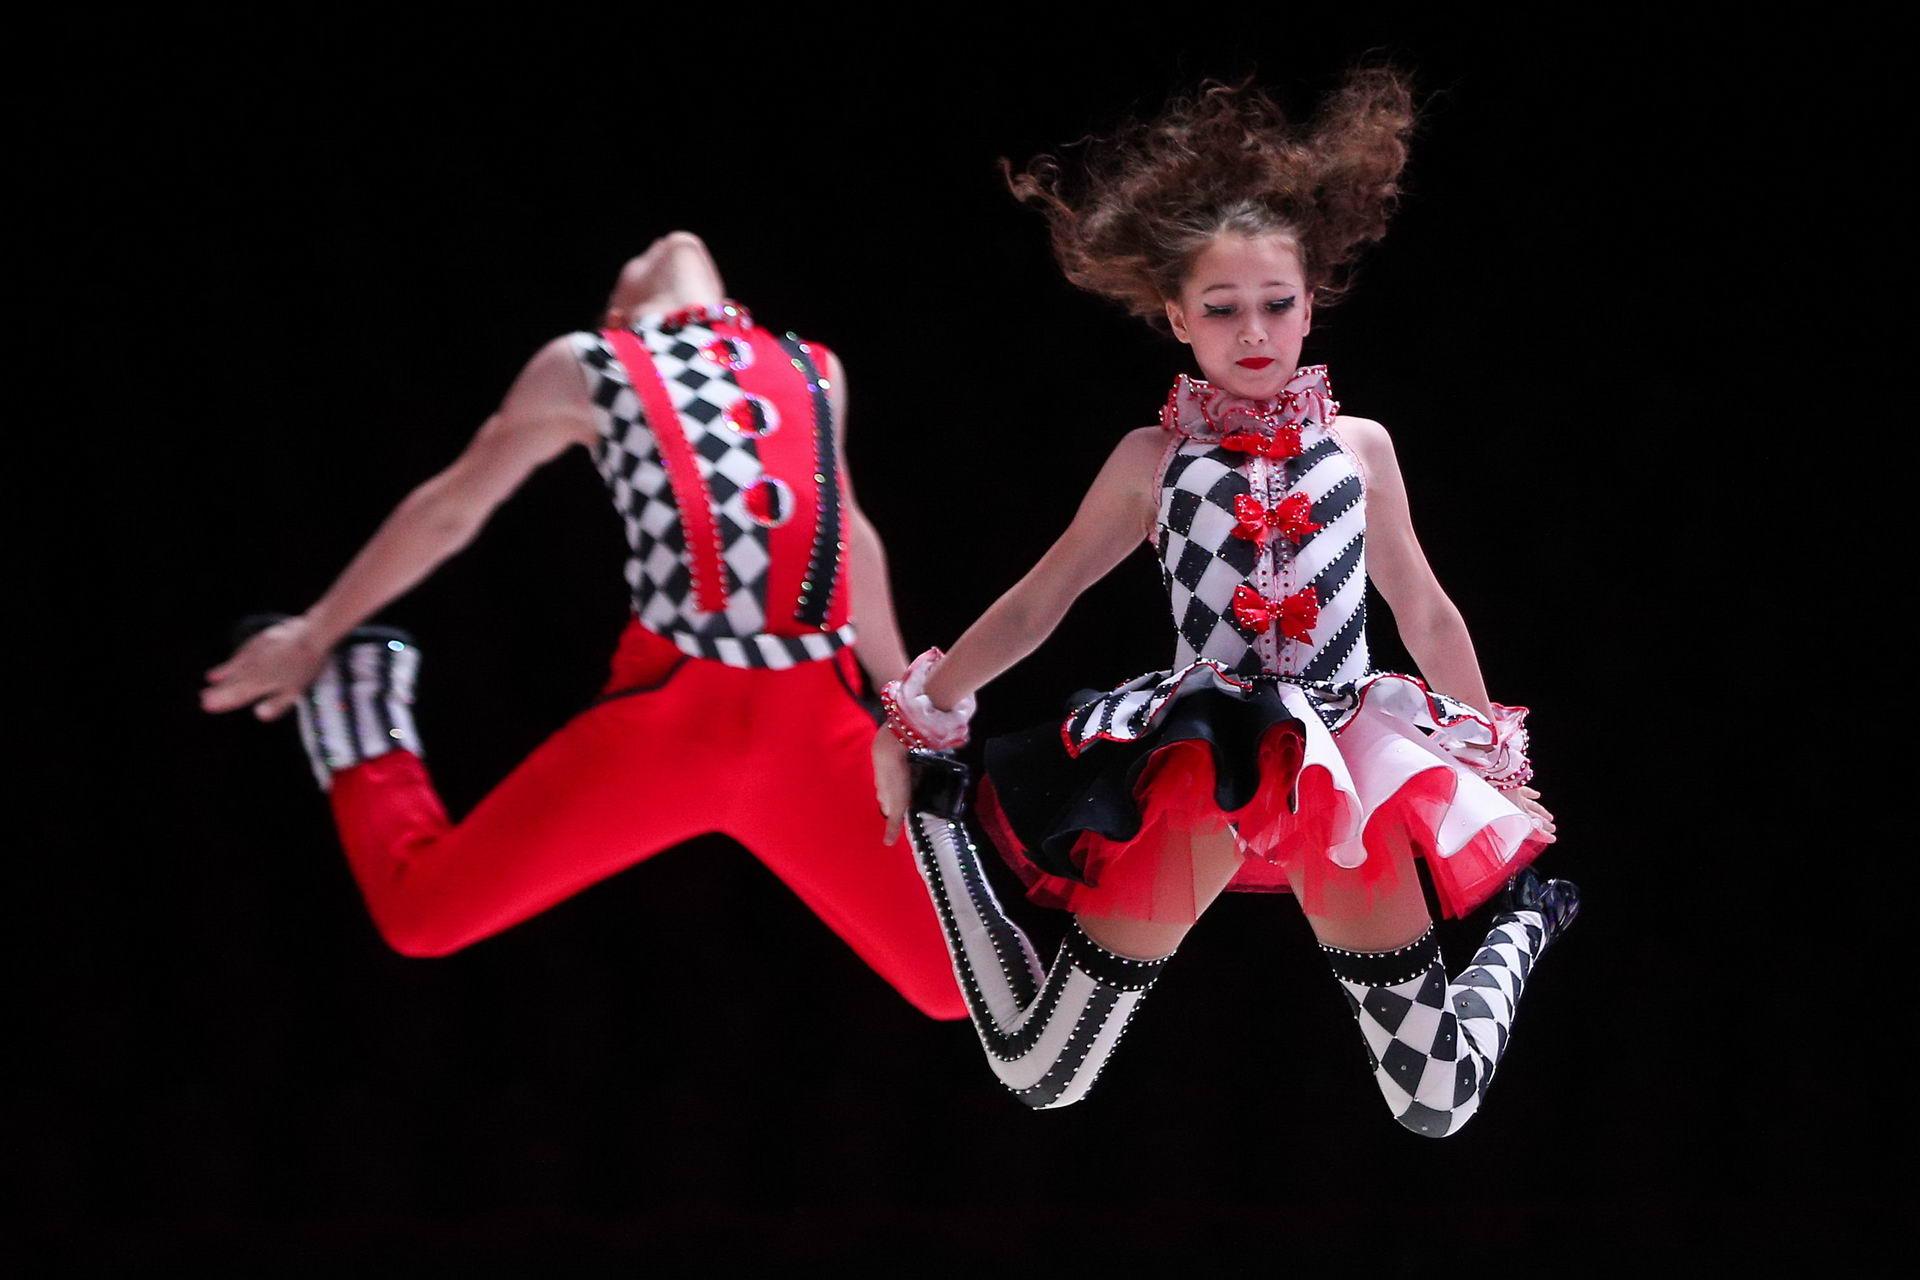 установке потолка фото костюм рокен ролл разработаем